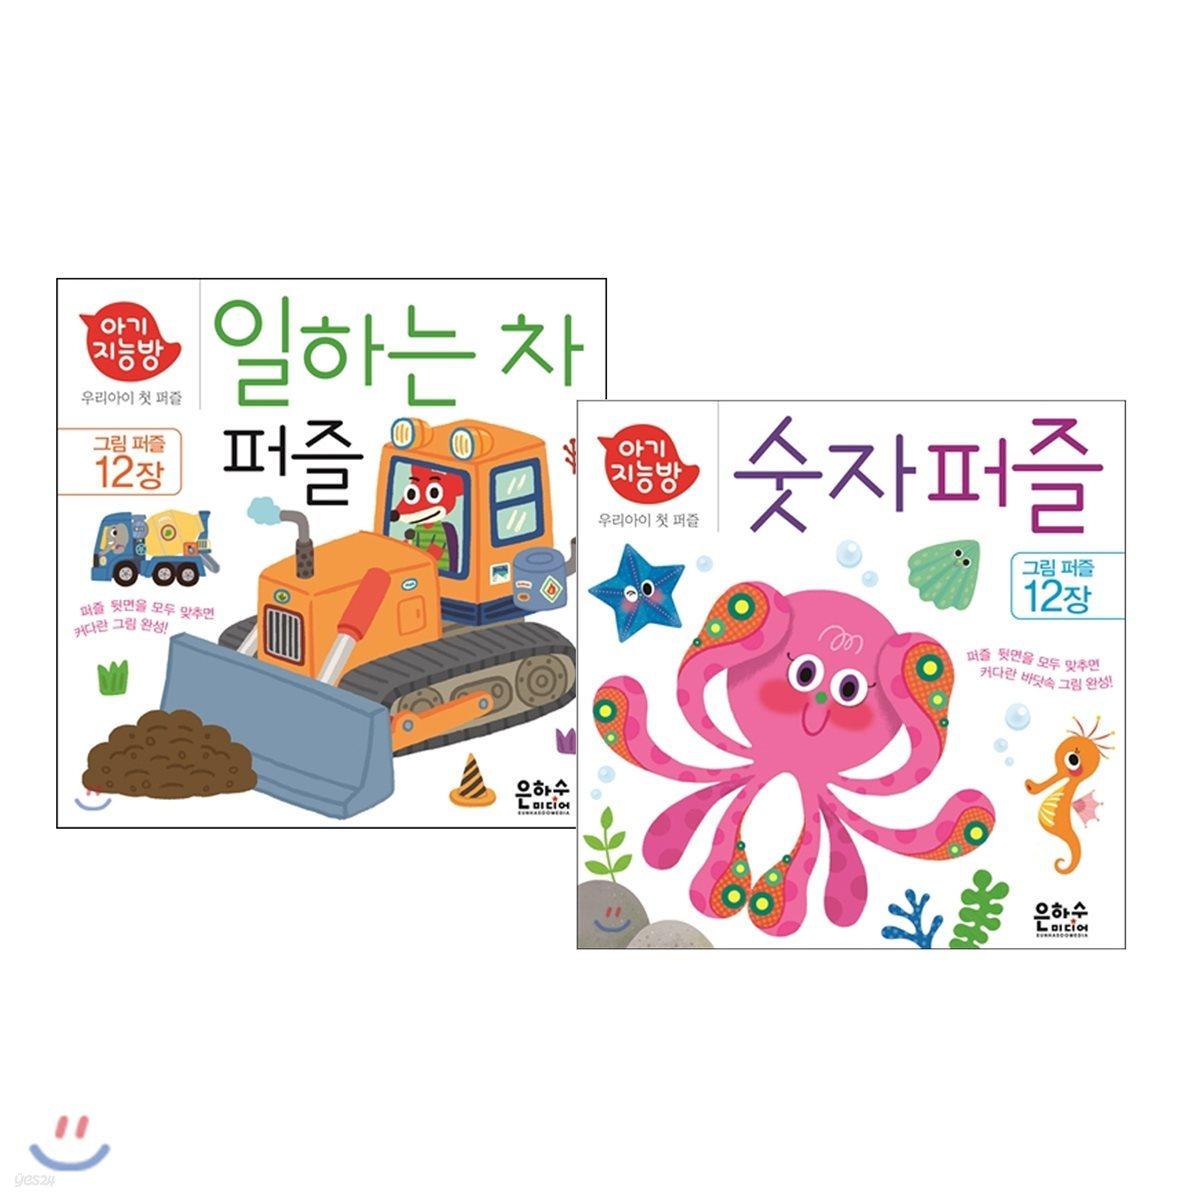 아기지능방 숫자 퍼즐 + 아기지능방 일하는 차 퍼즐